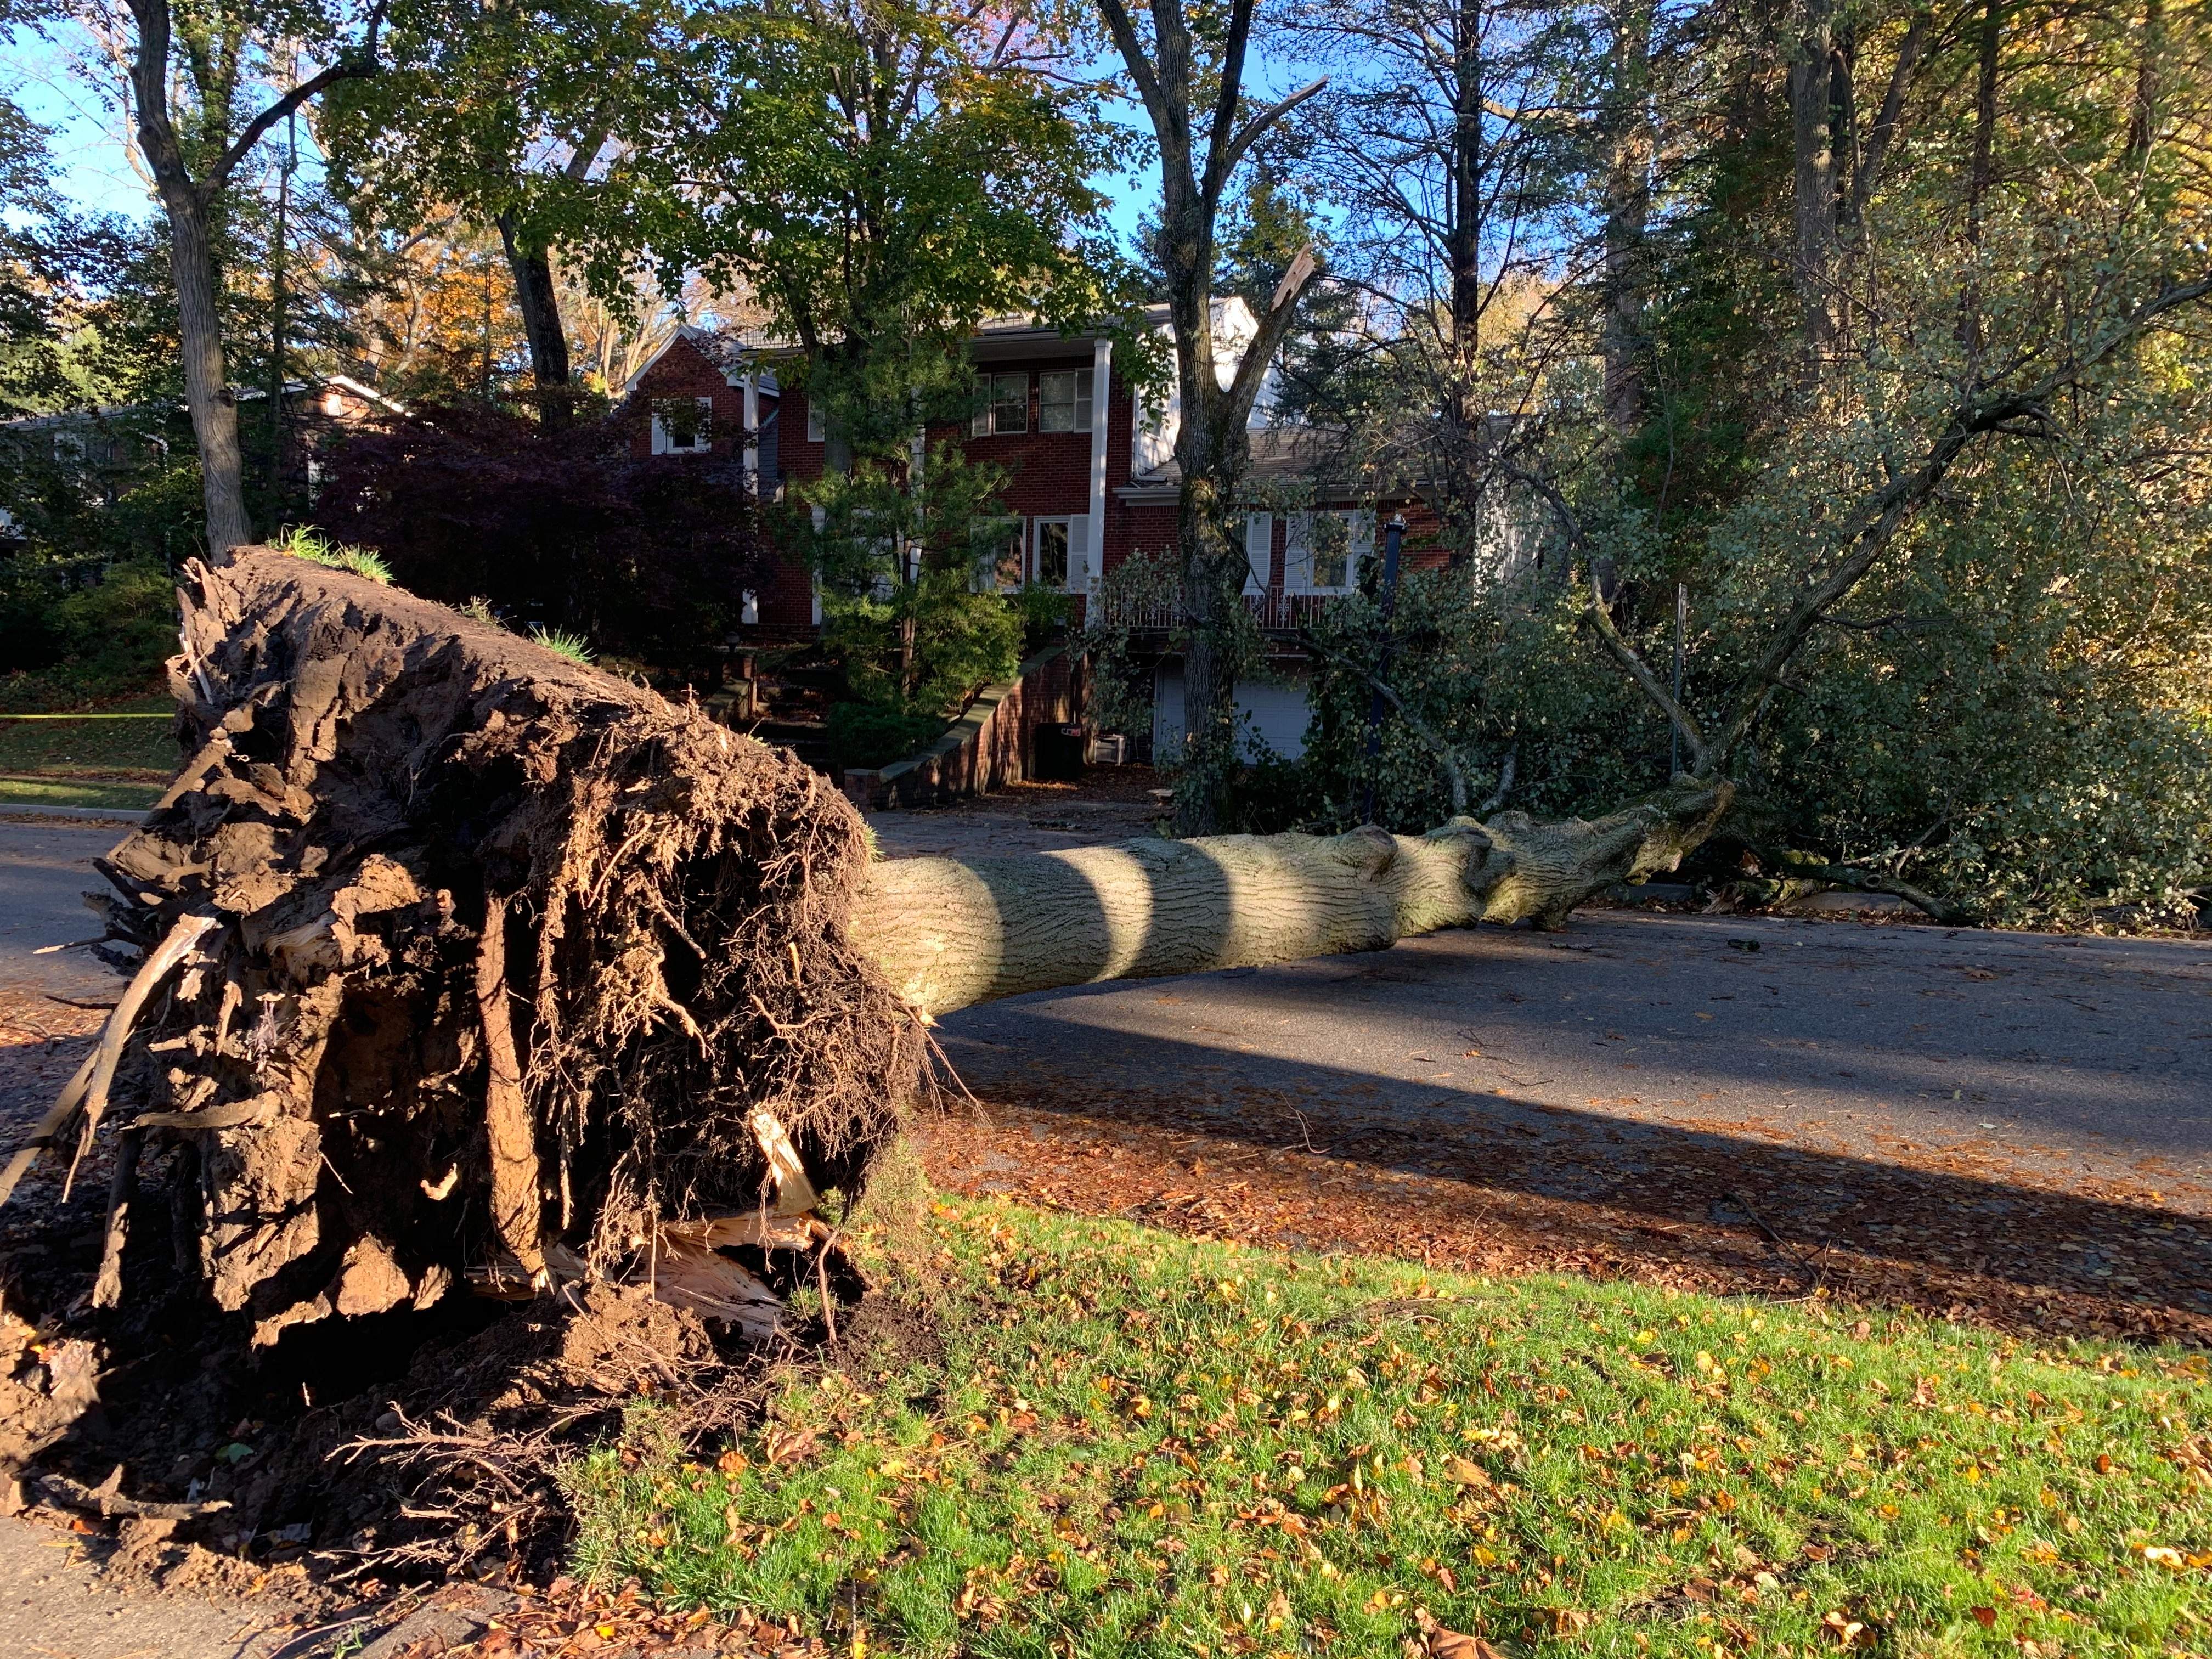 在長島大頸University Garden的Merrivale Rd.,一棵被連根拔起的大樹,攔腰阻斷馬路交通。(記者曹健/攝影)